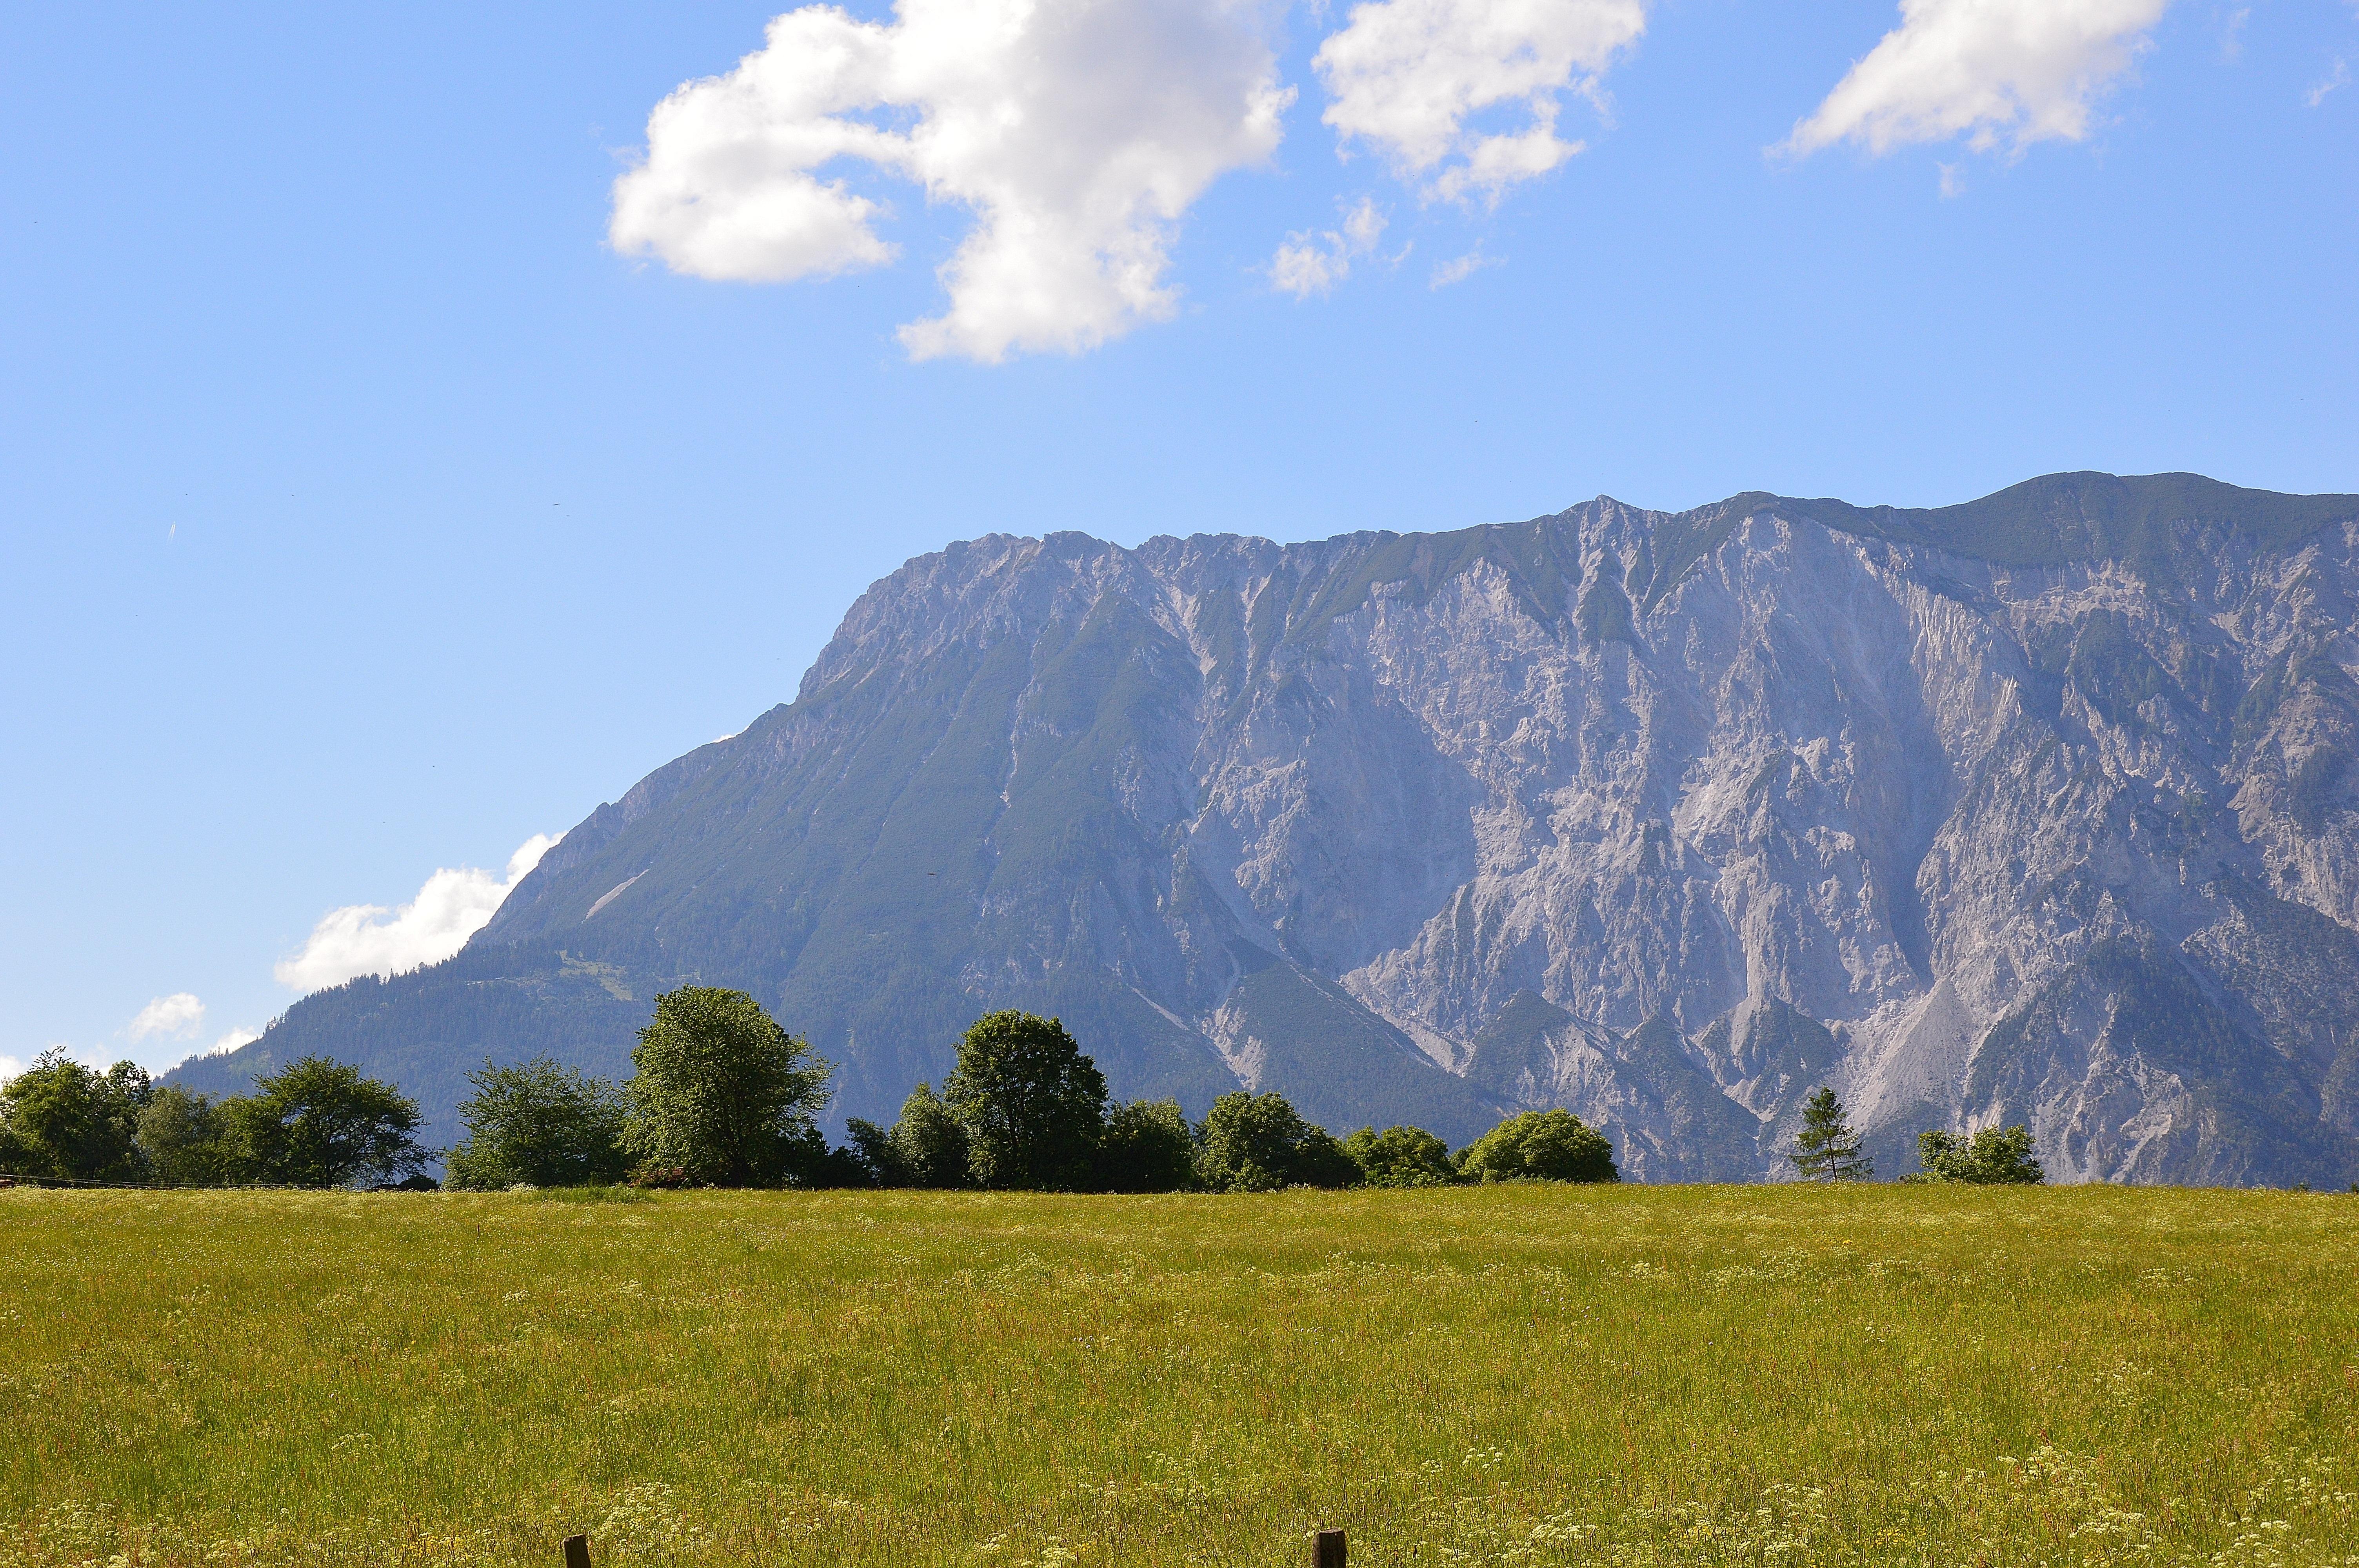 кухне равнины и горы фотографии историю одном своих